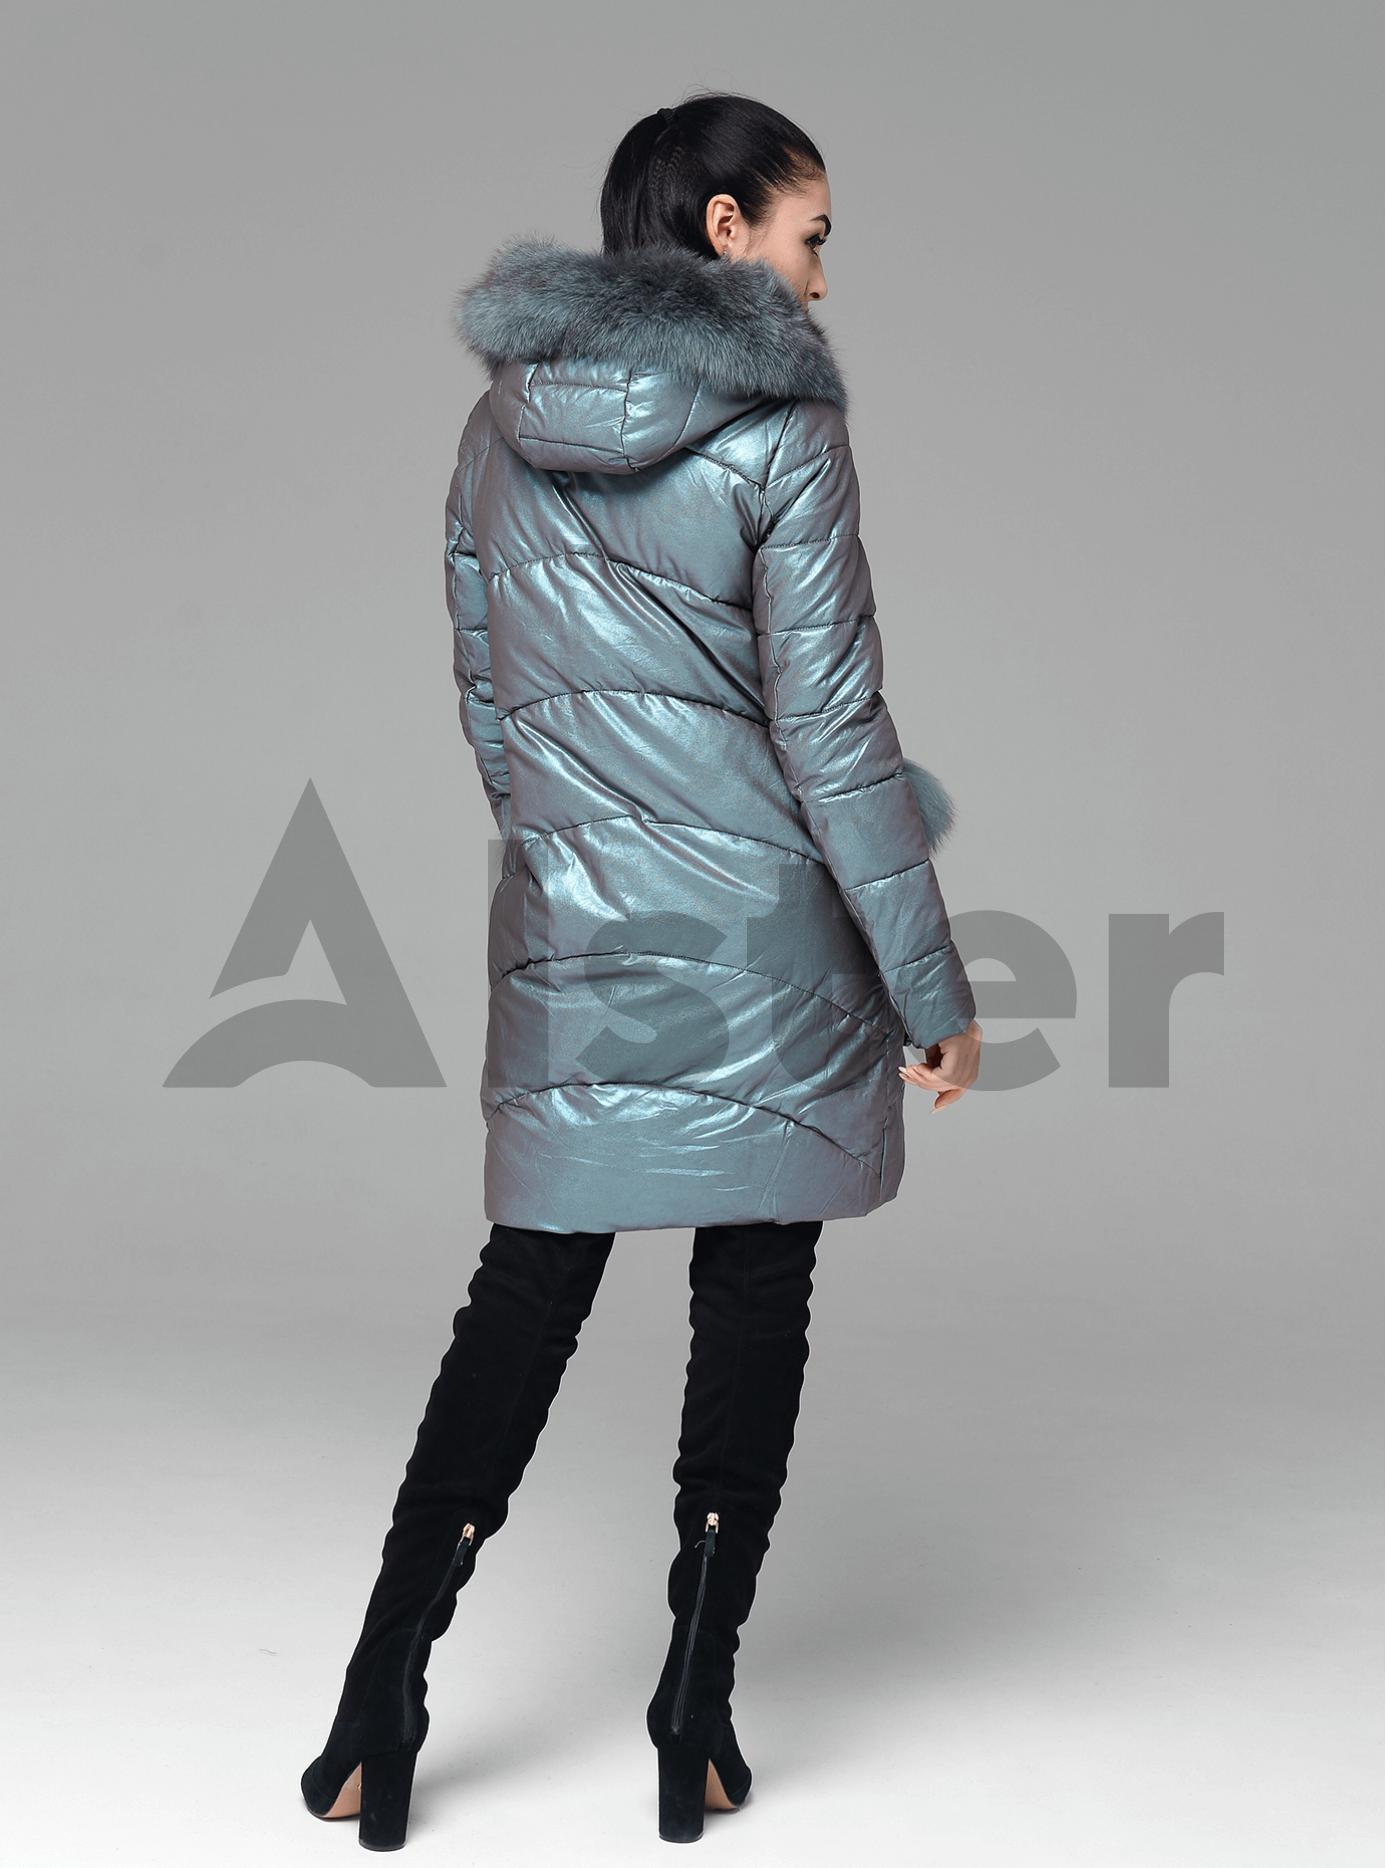 Куртка зимова пряма з хутром песця Бірюзовий S (05-ZL2149): фото - Alster.ua